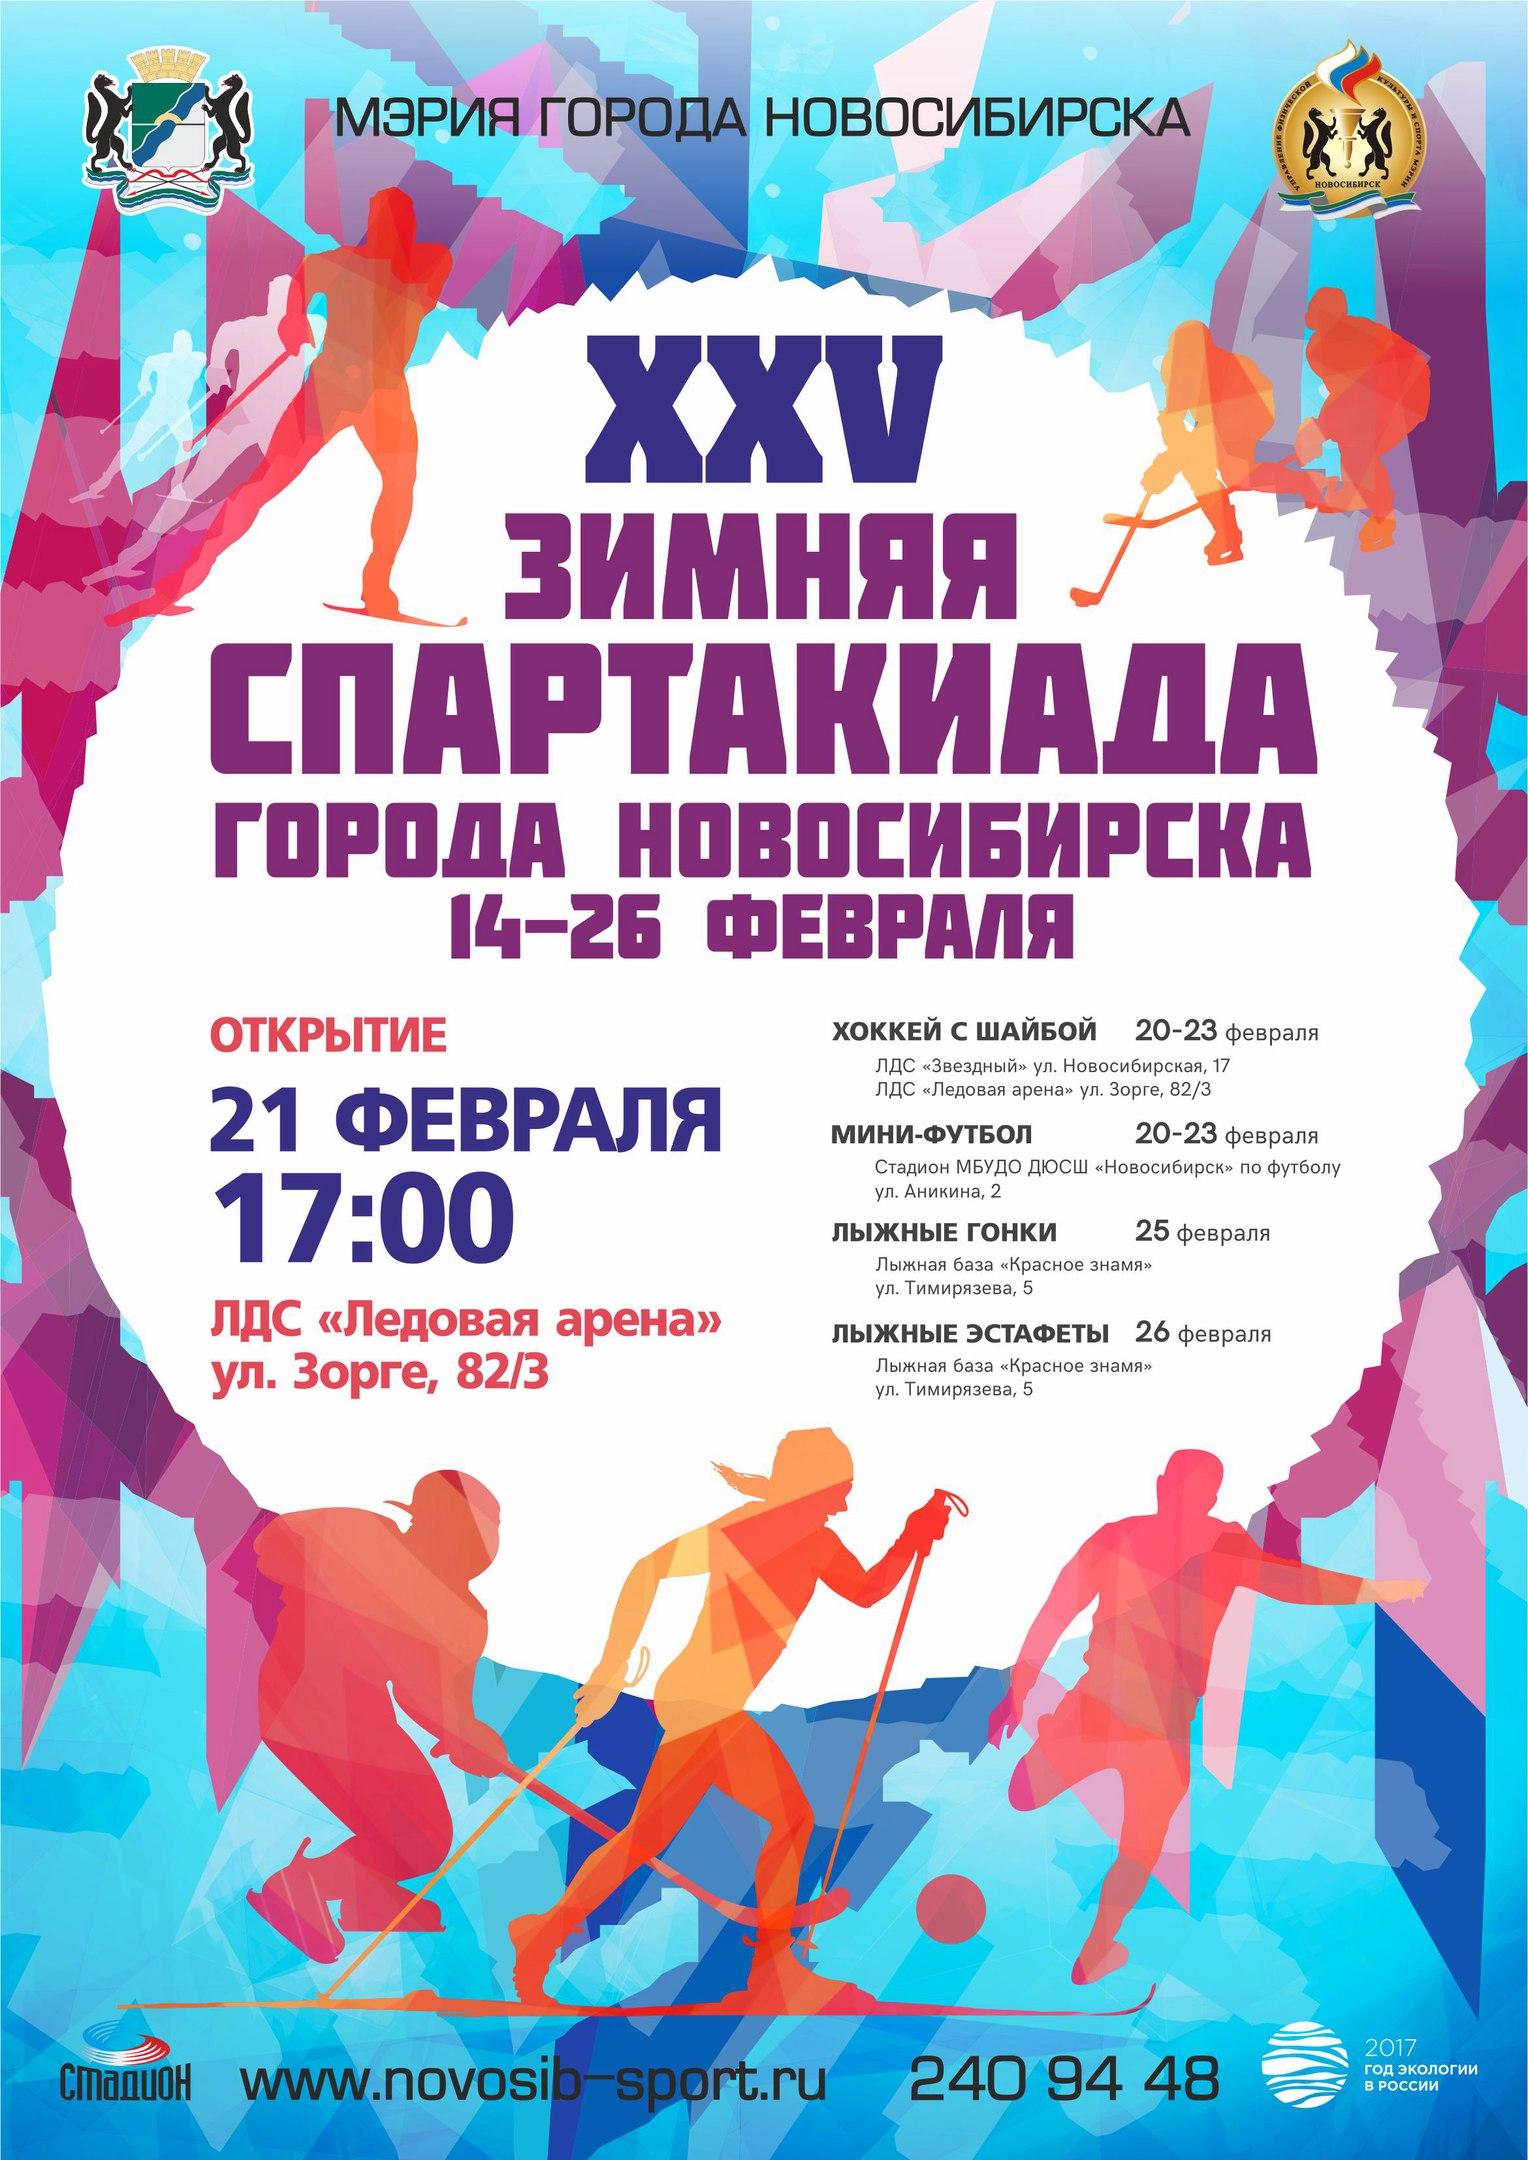 XXV Зимняя спартакиада города Новосибирска Афиша